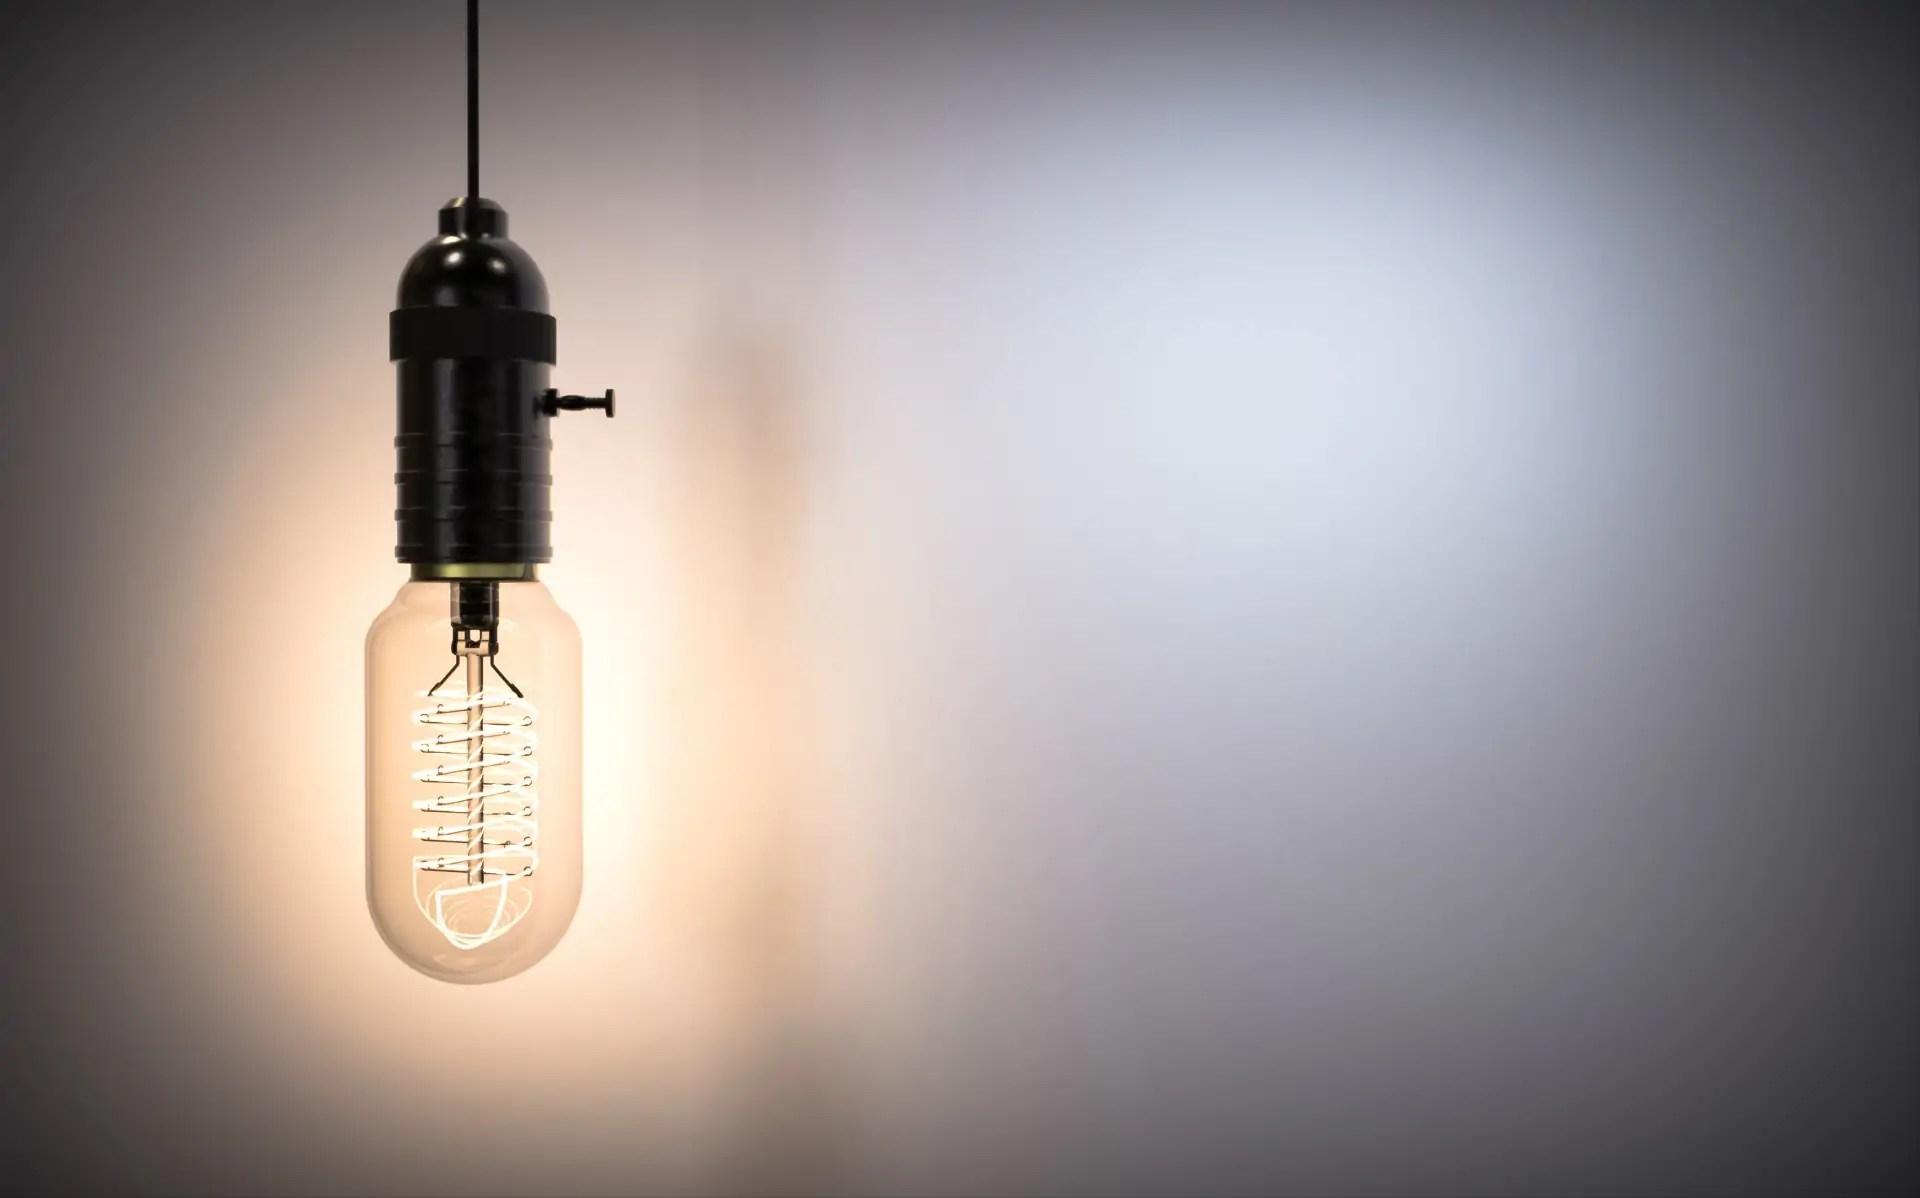 Model of the Week: Vintage Light Bulb Set [Light It Up!] - SolidSmack